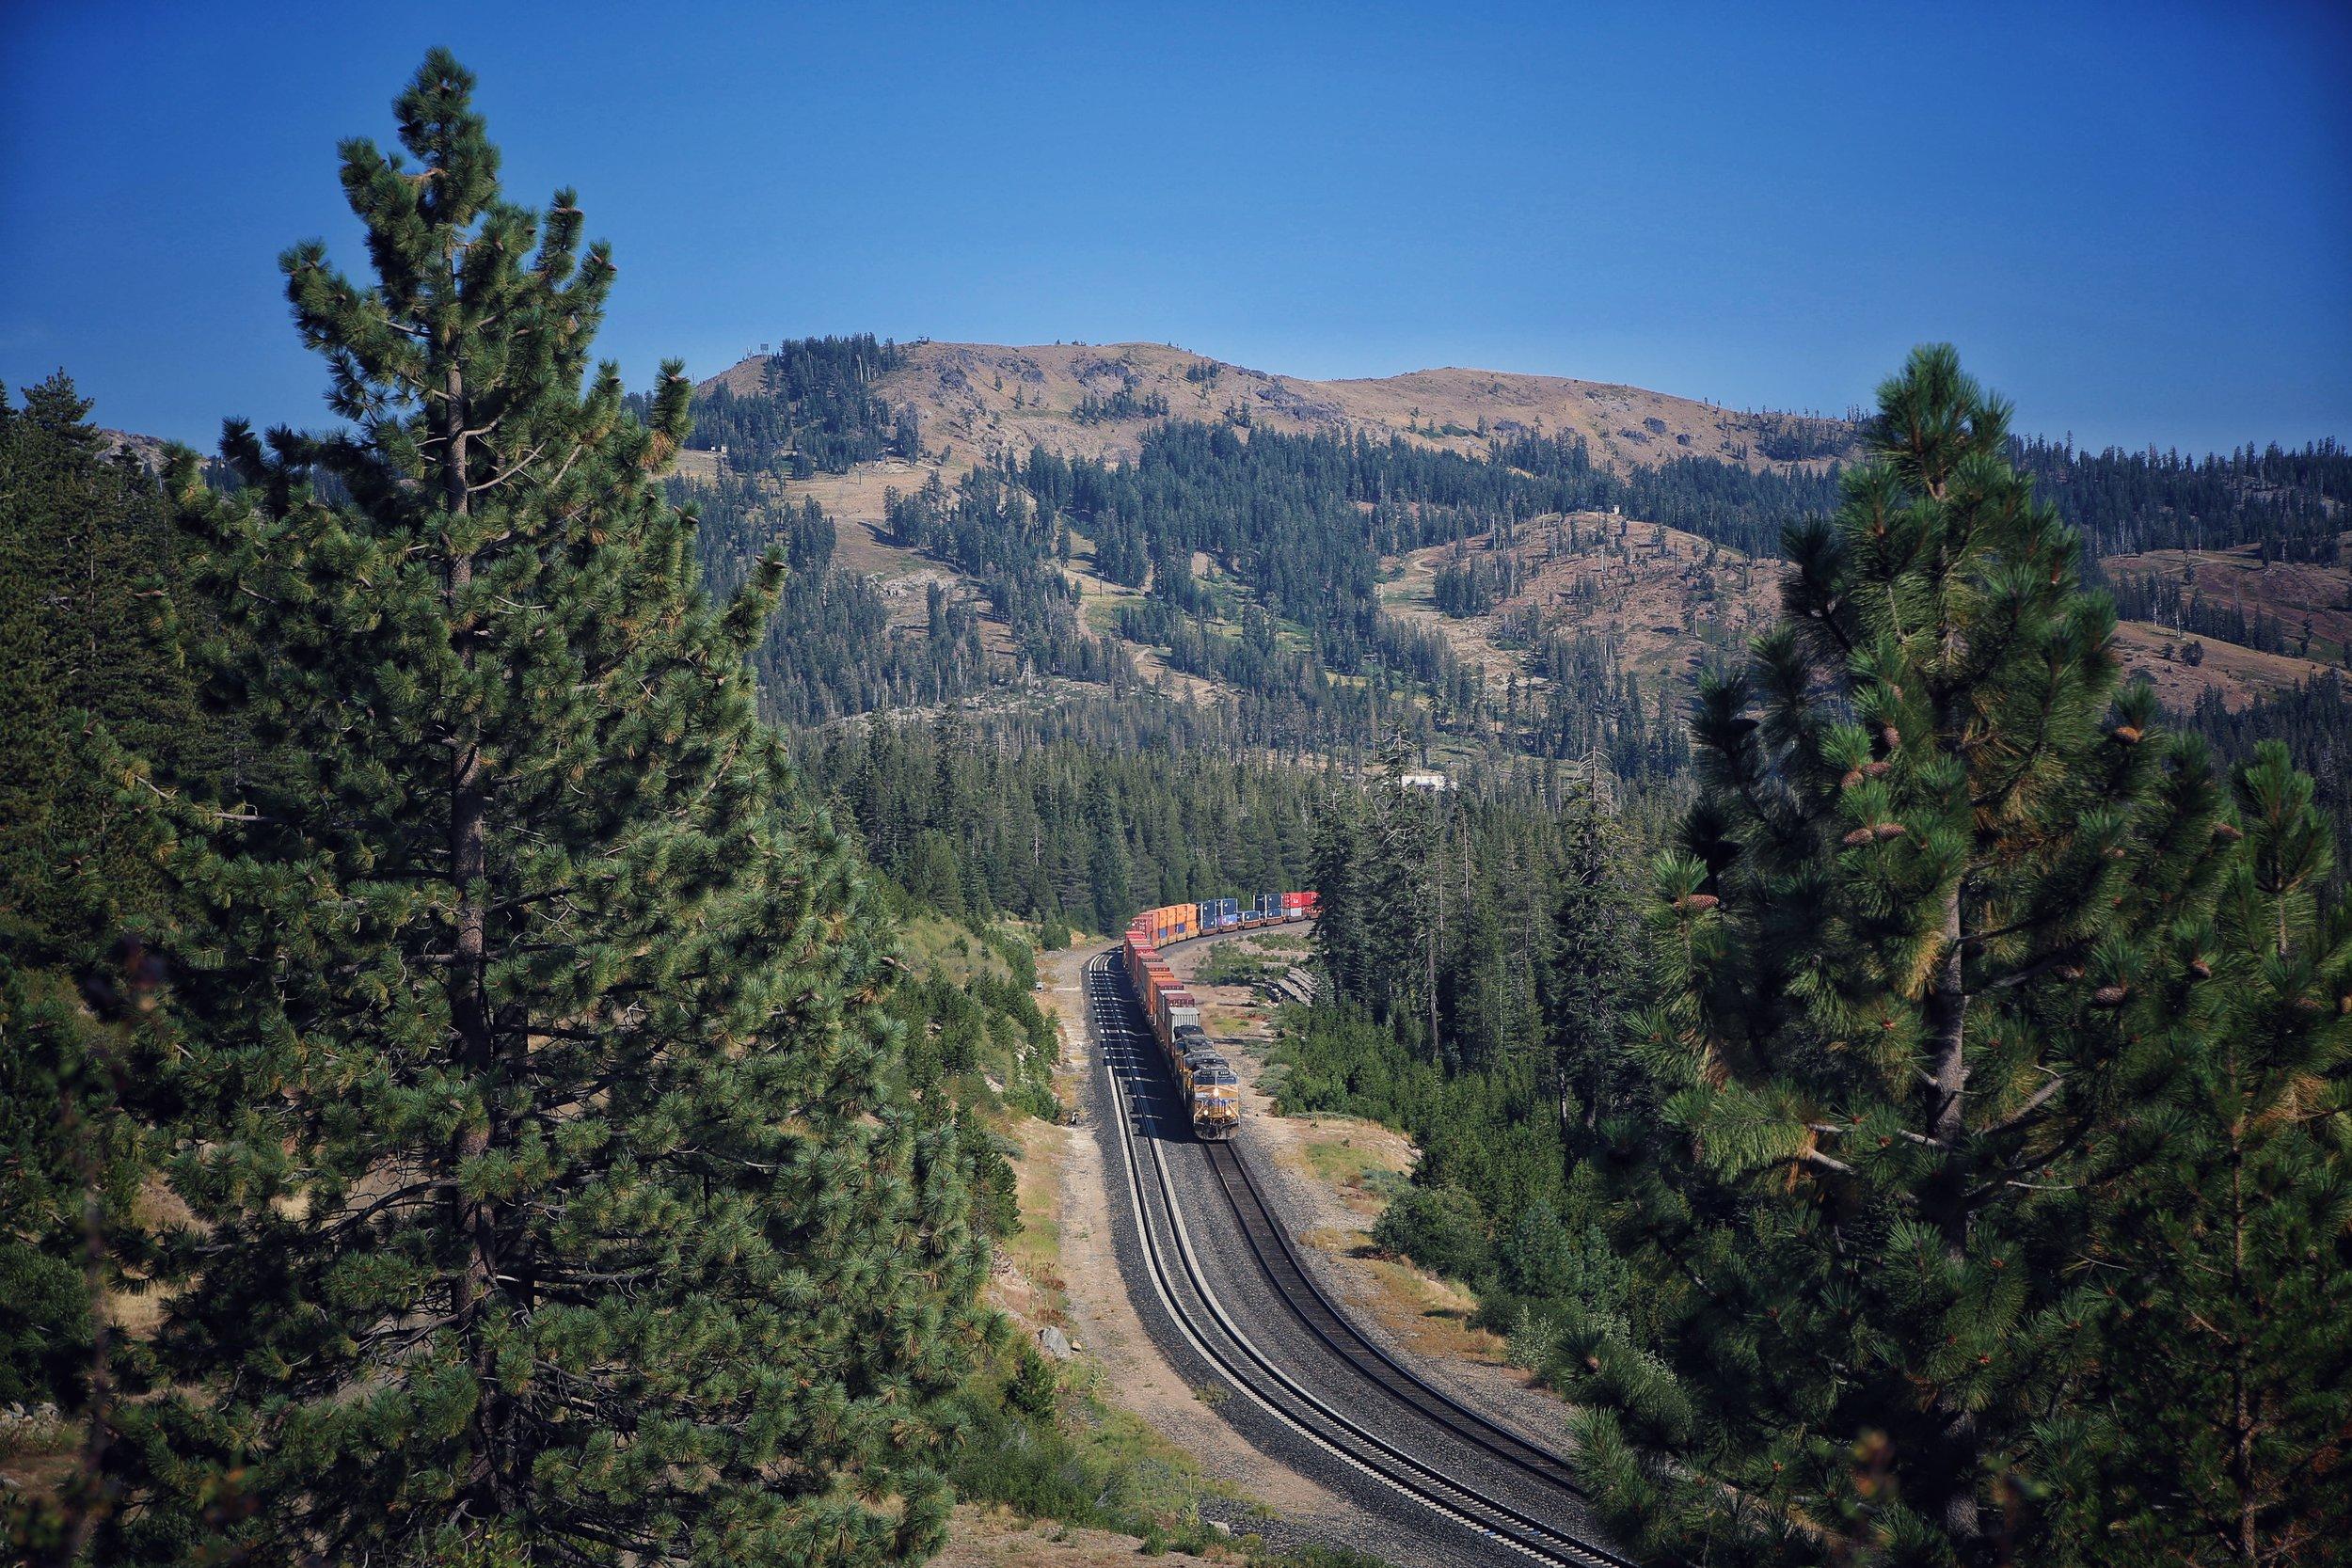 Long train chugging through the Sierras in California.